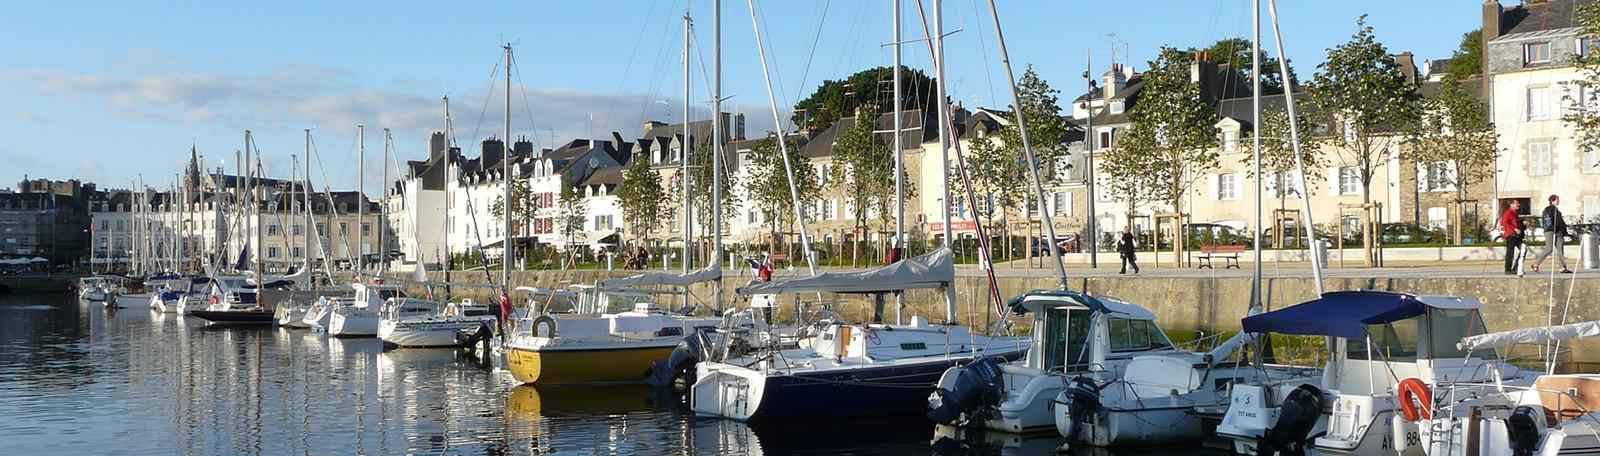 Parking Port - 9 Rue du Port 56000 Vannes